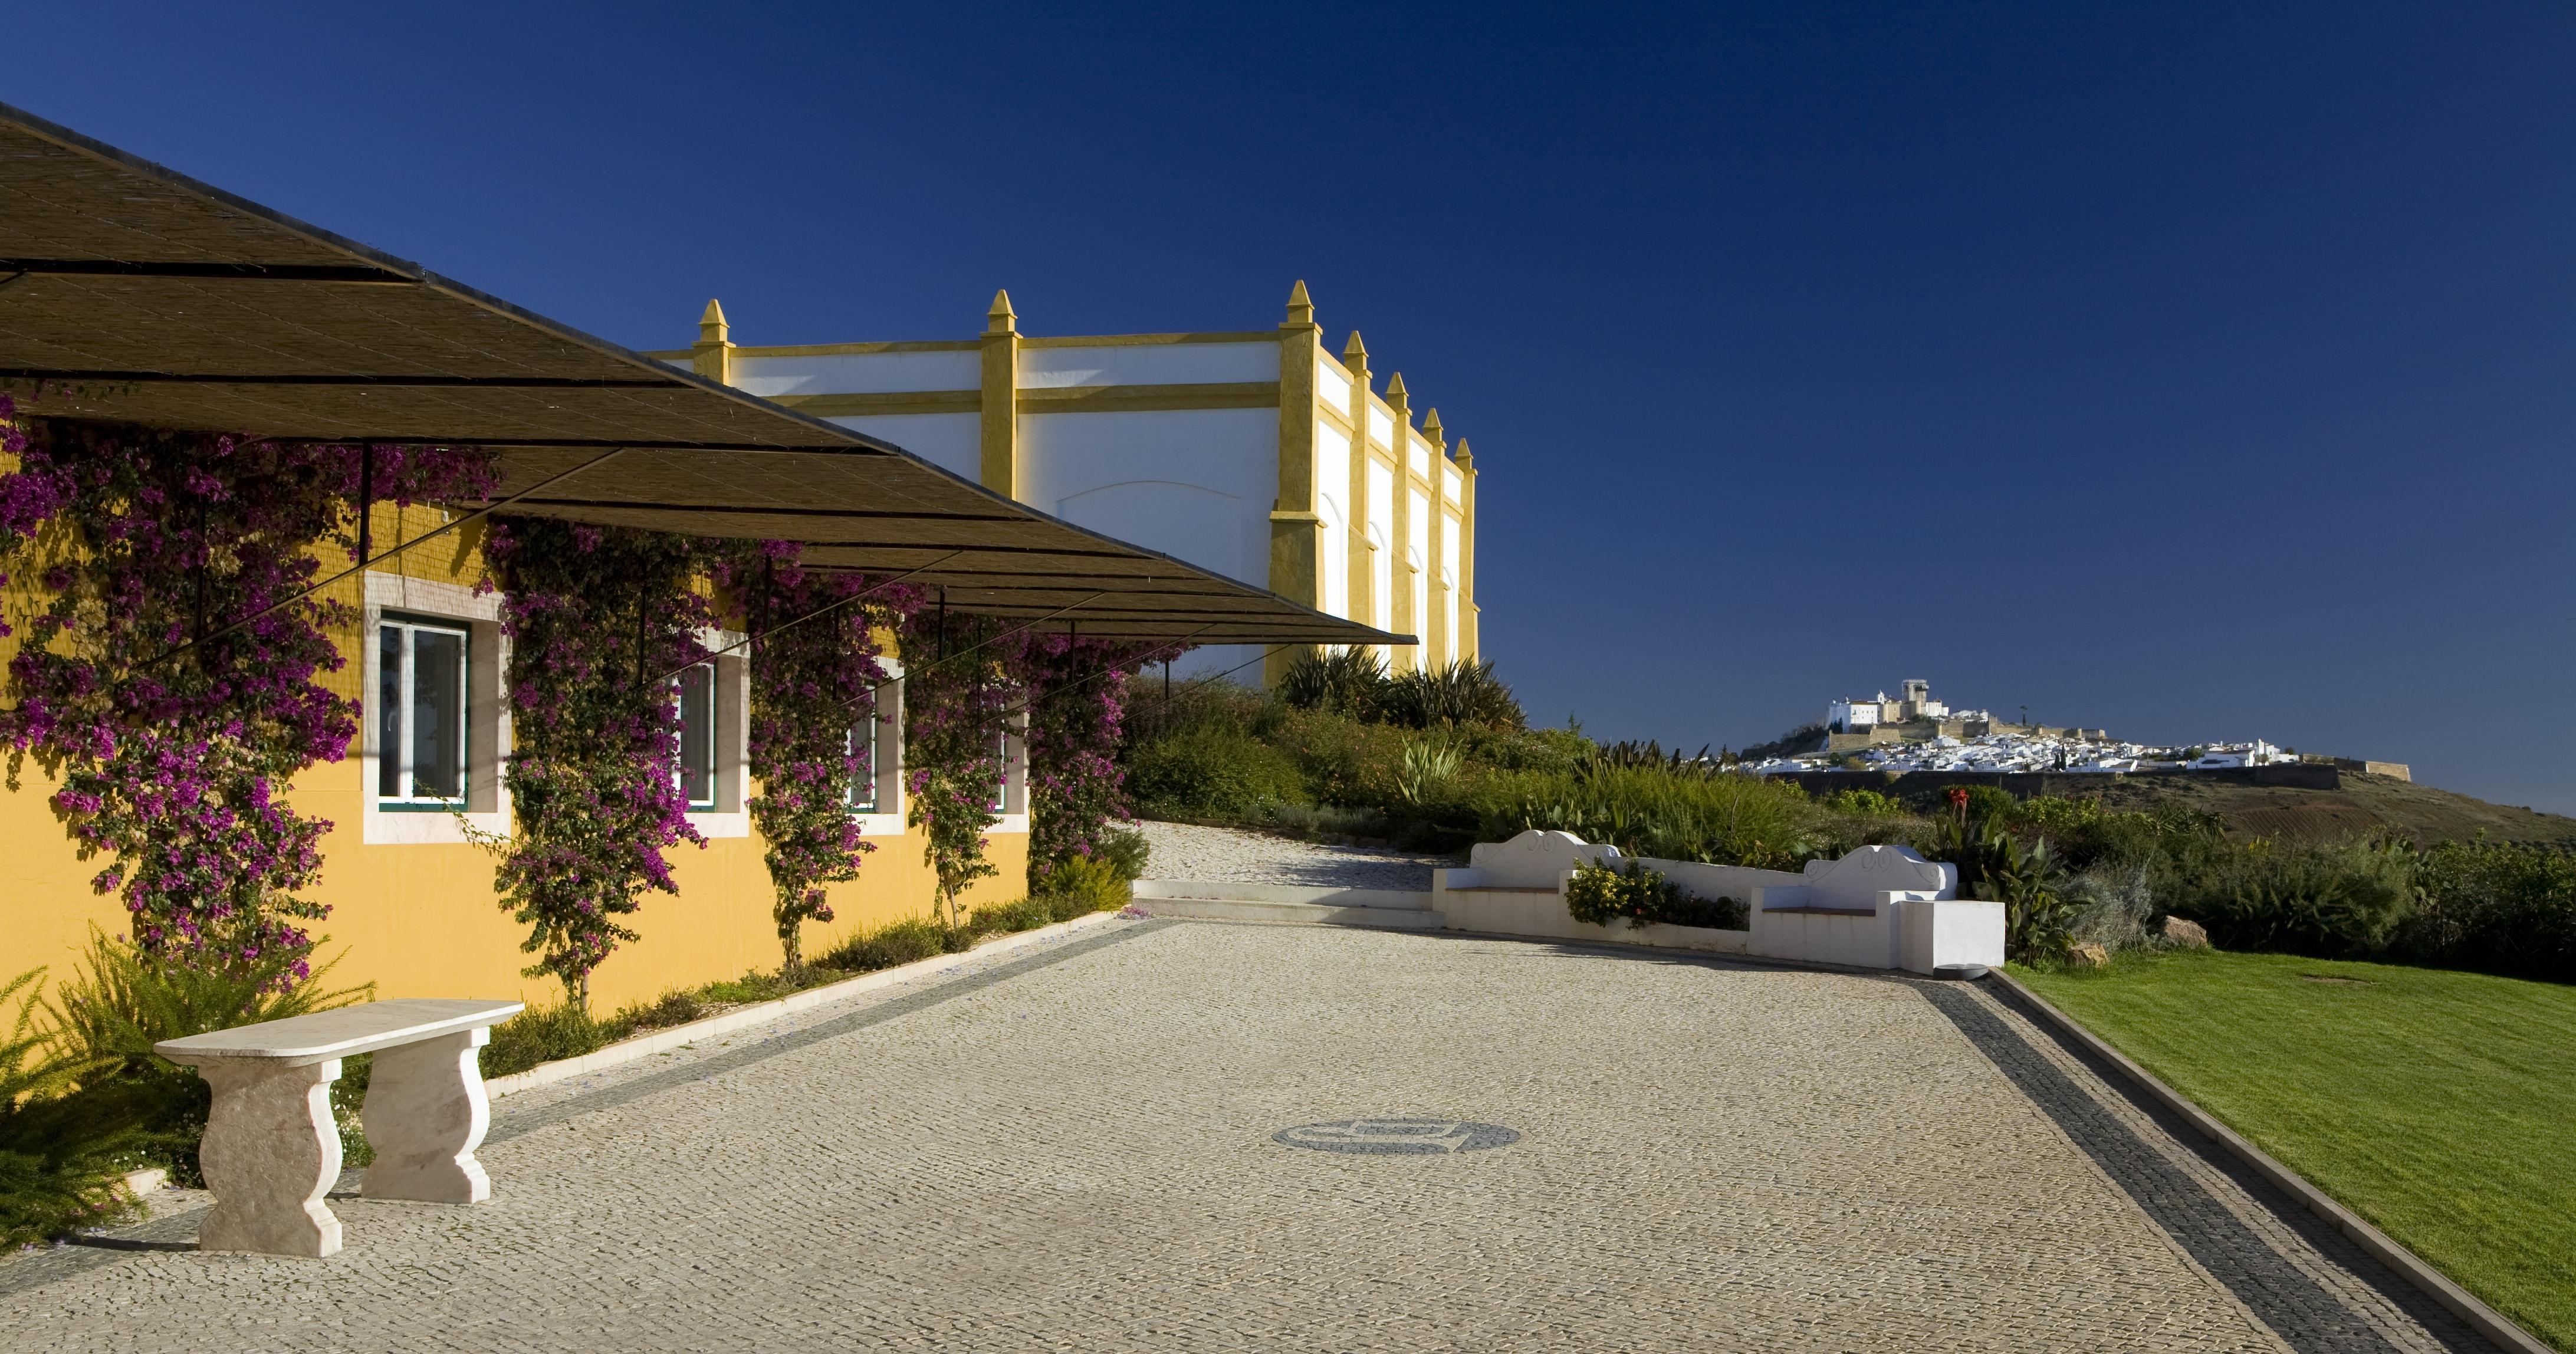 Encostas de Estremoz - Visita & Cata de 5 Vinos